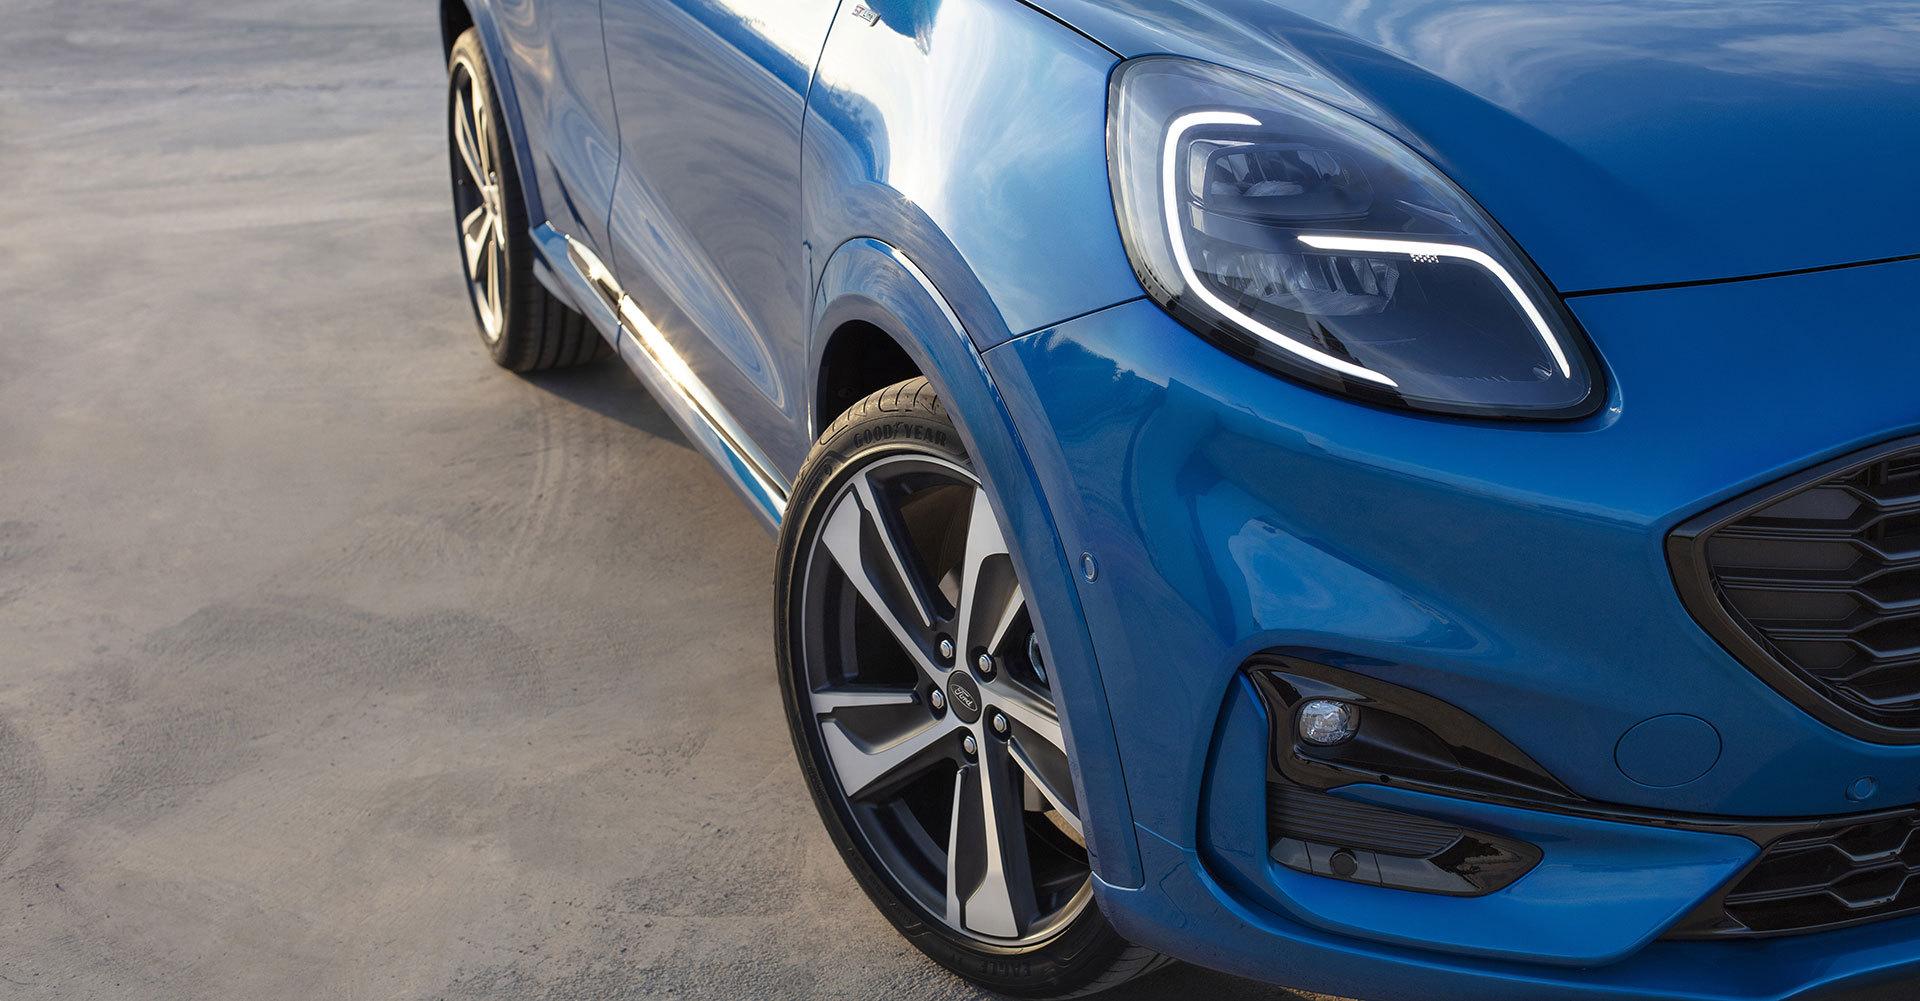 Ford Puma 2019 Detalles Exterior Azul 04